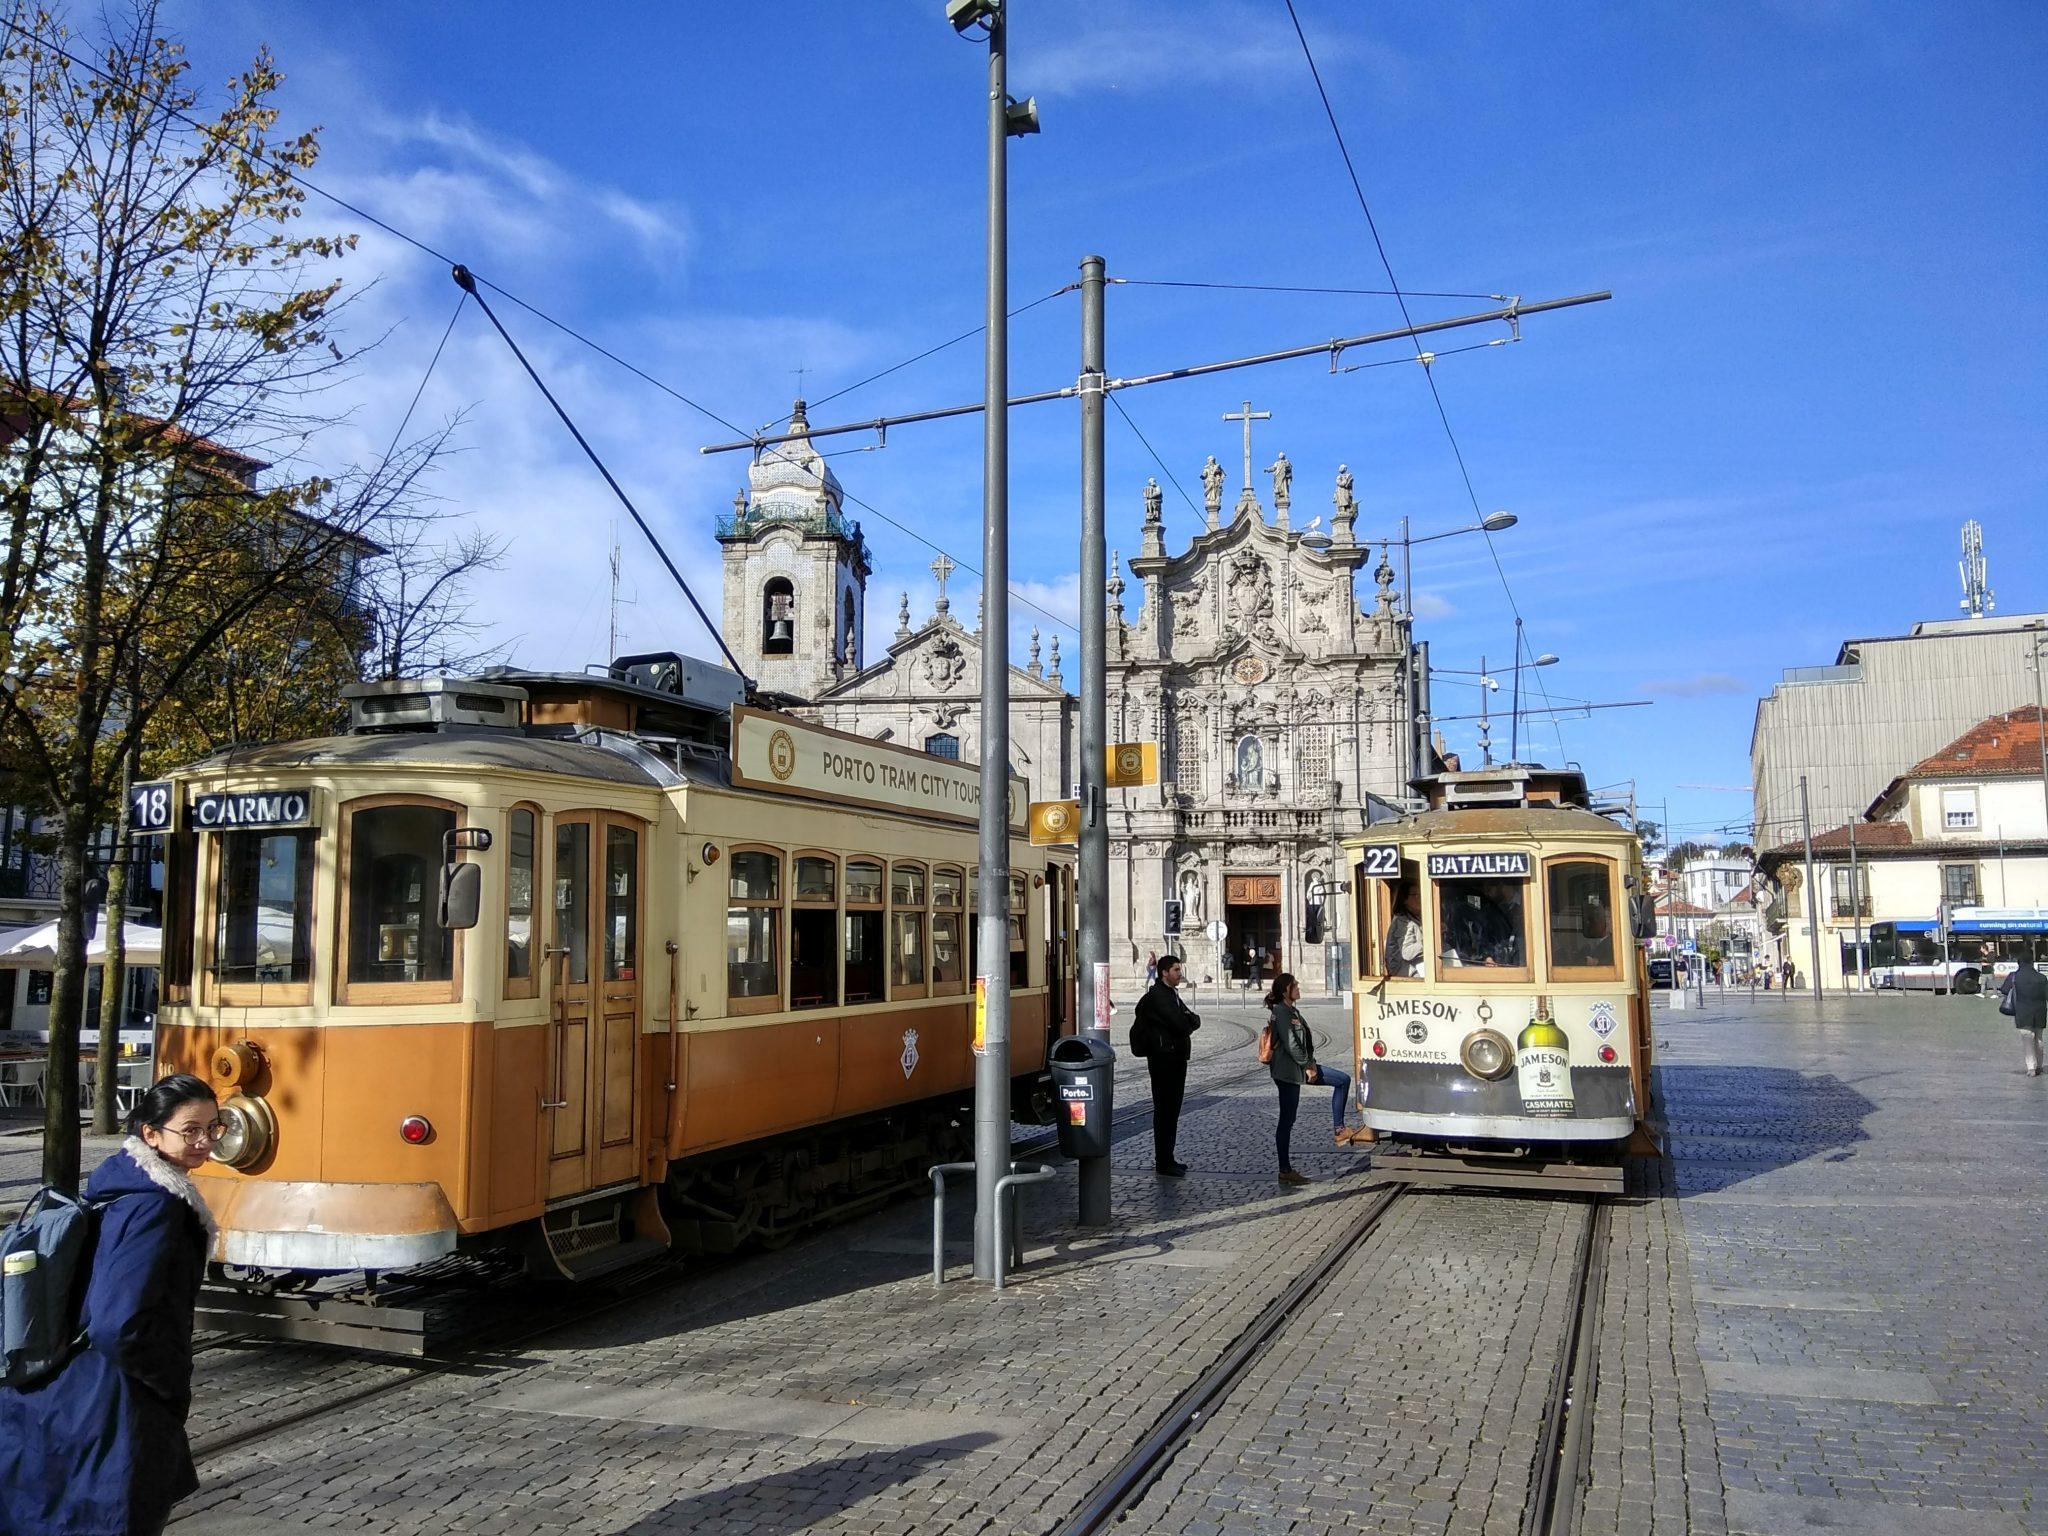 Imagen Post 2 días en Oporto. Tranvía 22 - Pasaporte y Millas